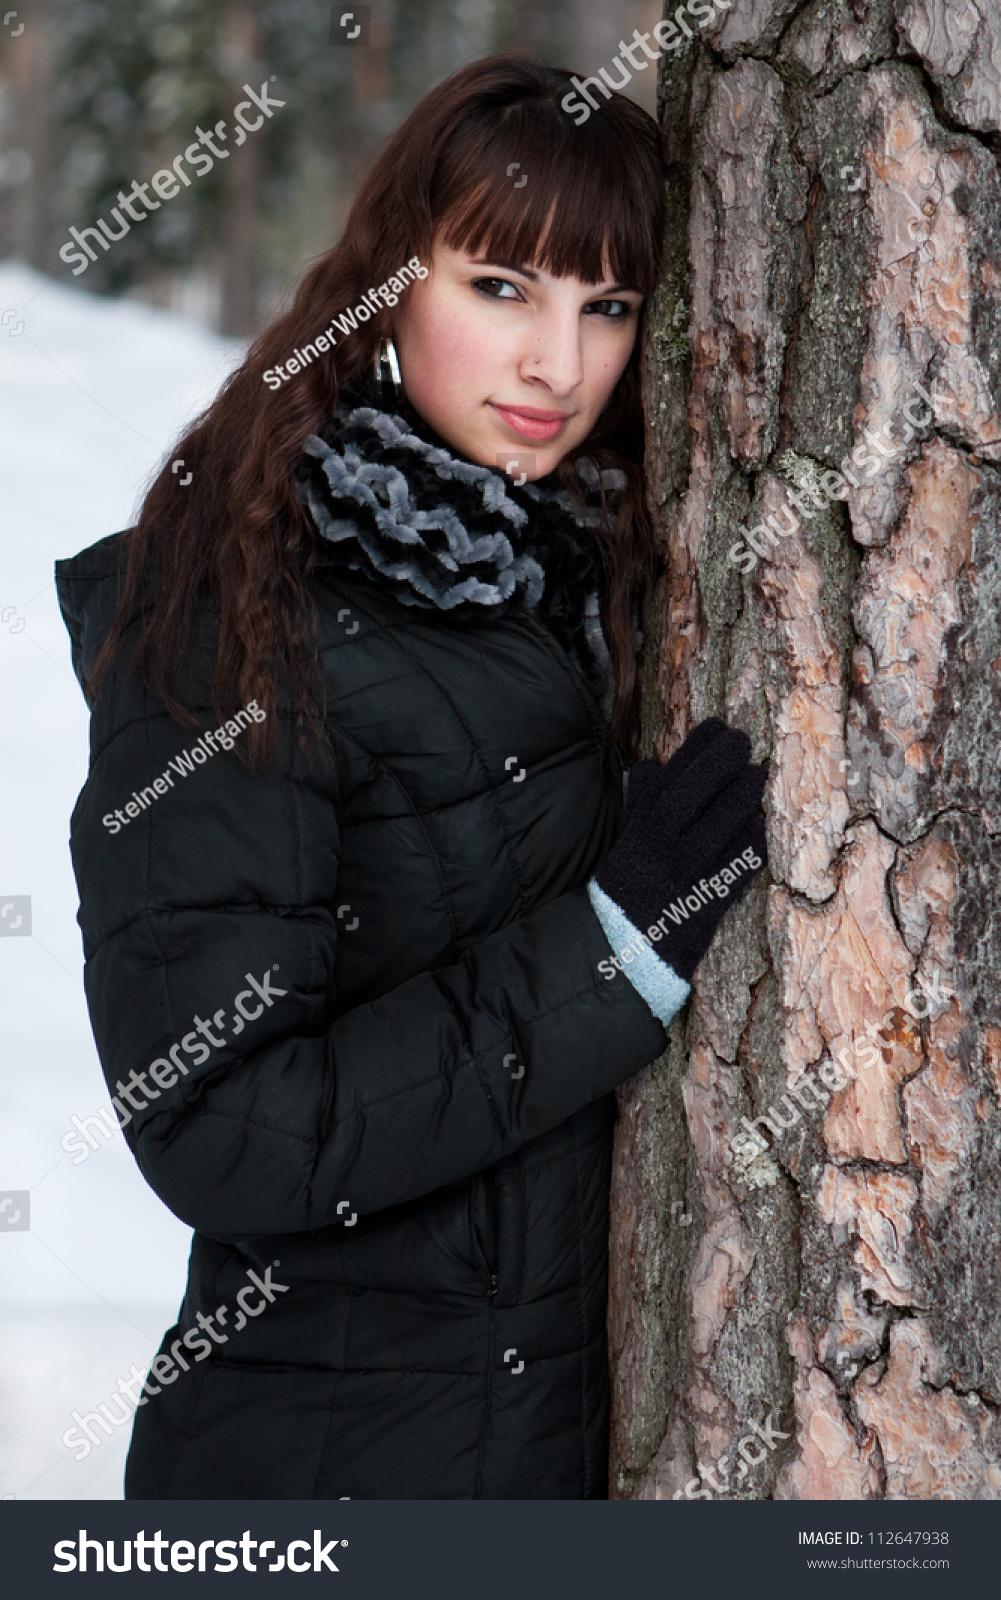 年轻女子在一个冬天的风景-人物,公园/户外-海洛创意